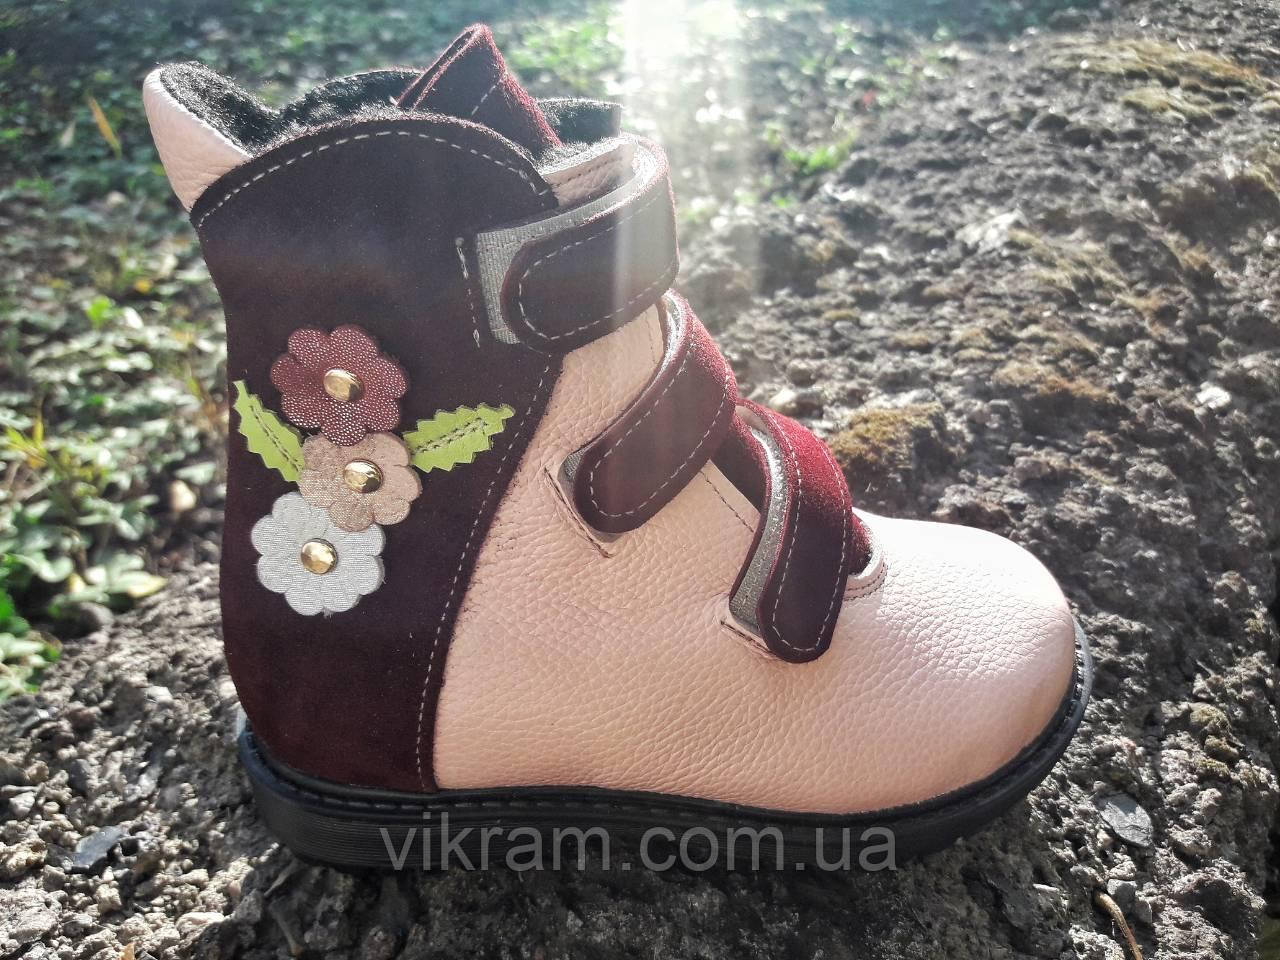 Зимние ортопедические ботинки для девочек VIKRAM.ORTO с 21р по 30р